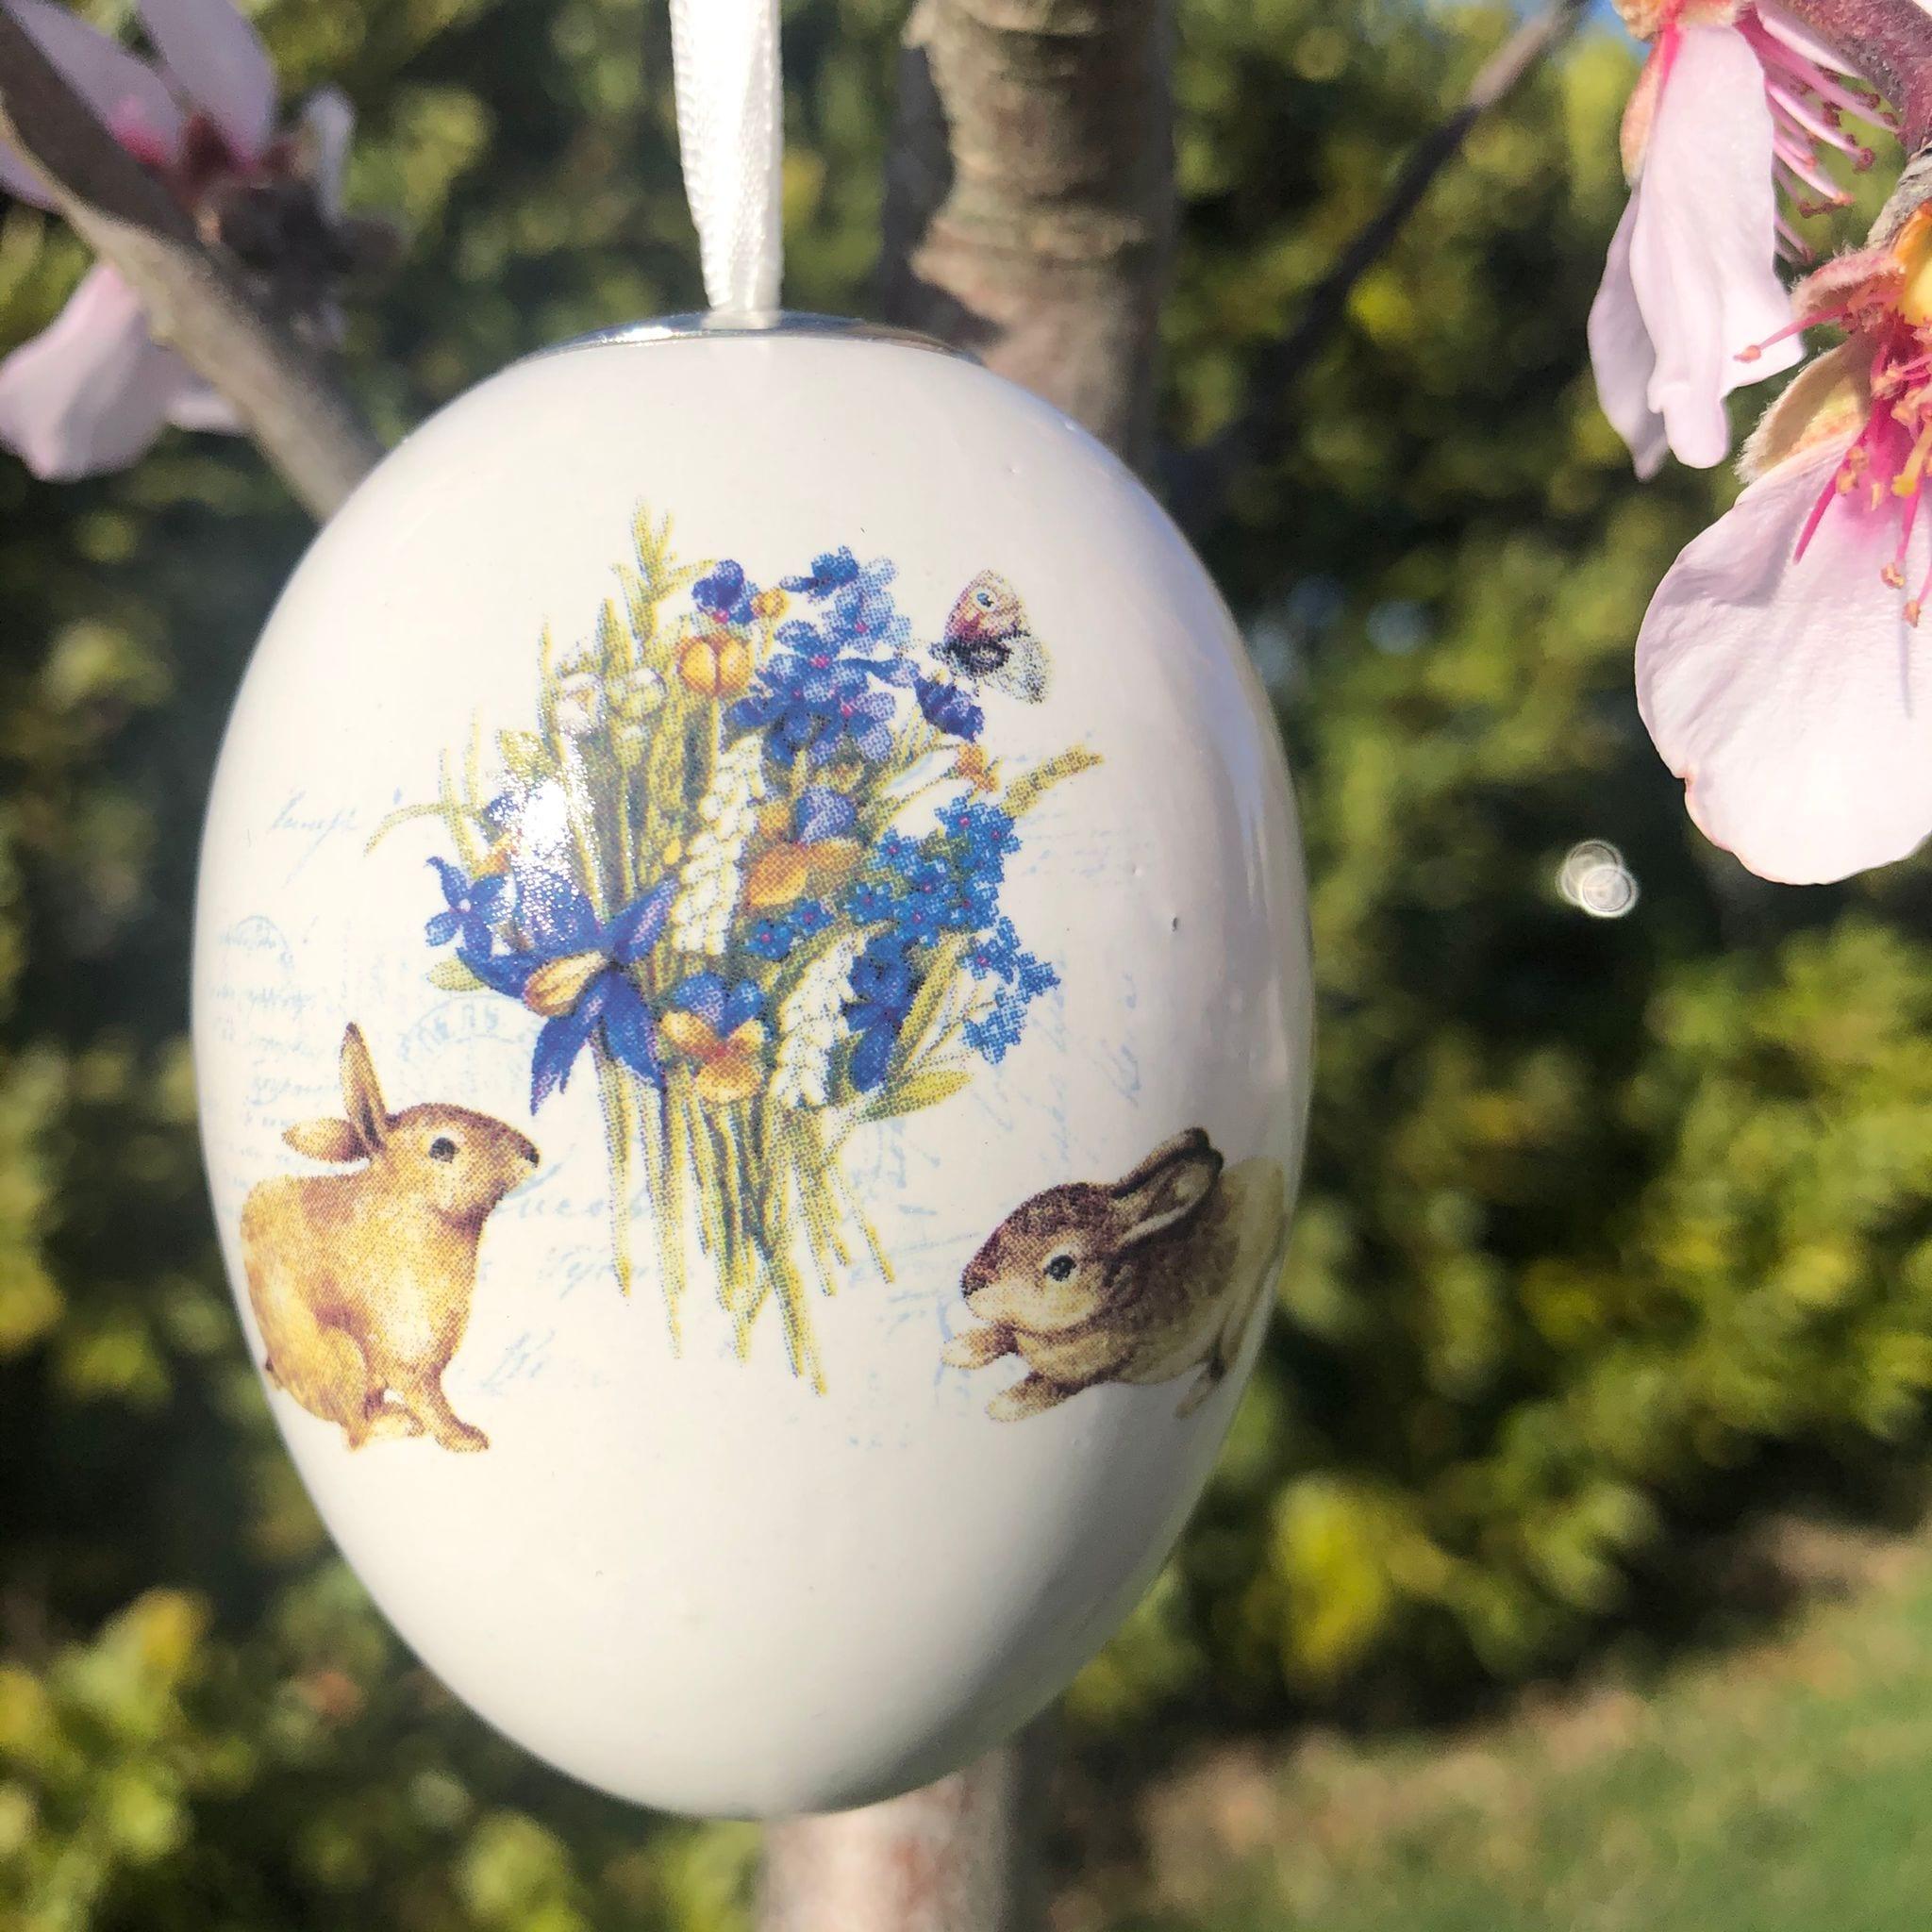 Uovo di porcellana con 2 coniglietti